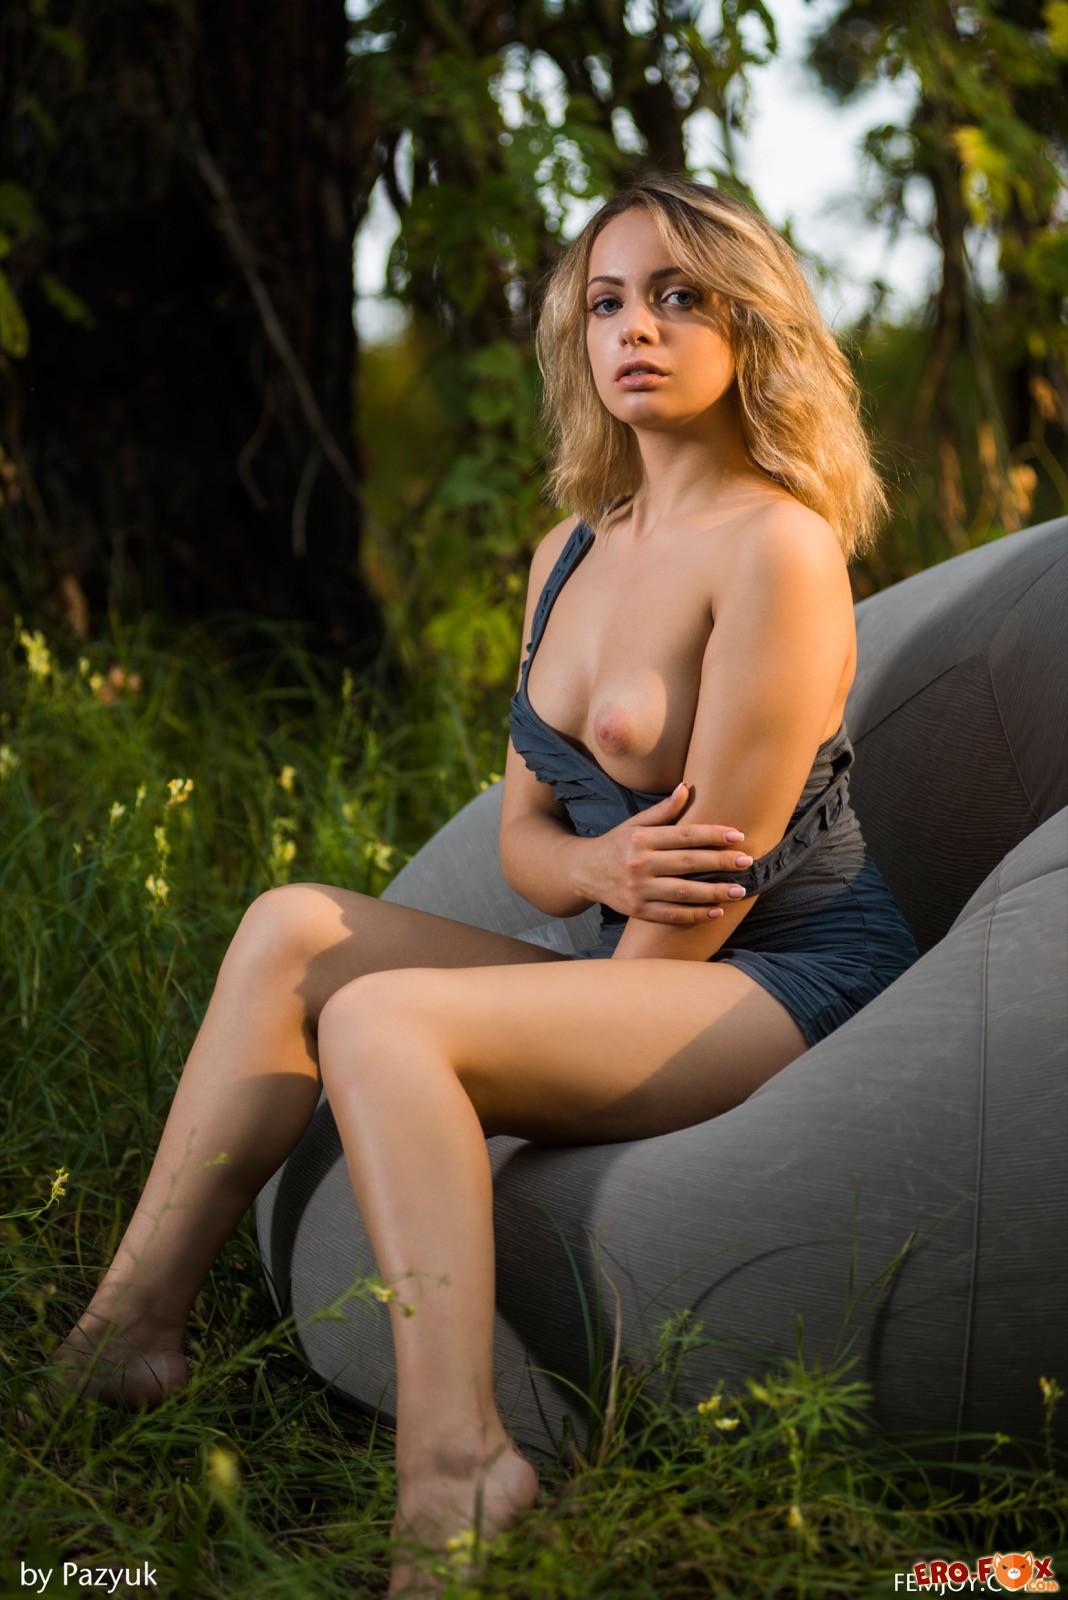 Девушка в платье без нижнего белья на природе